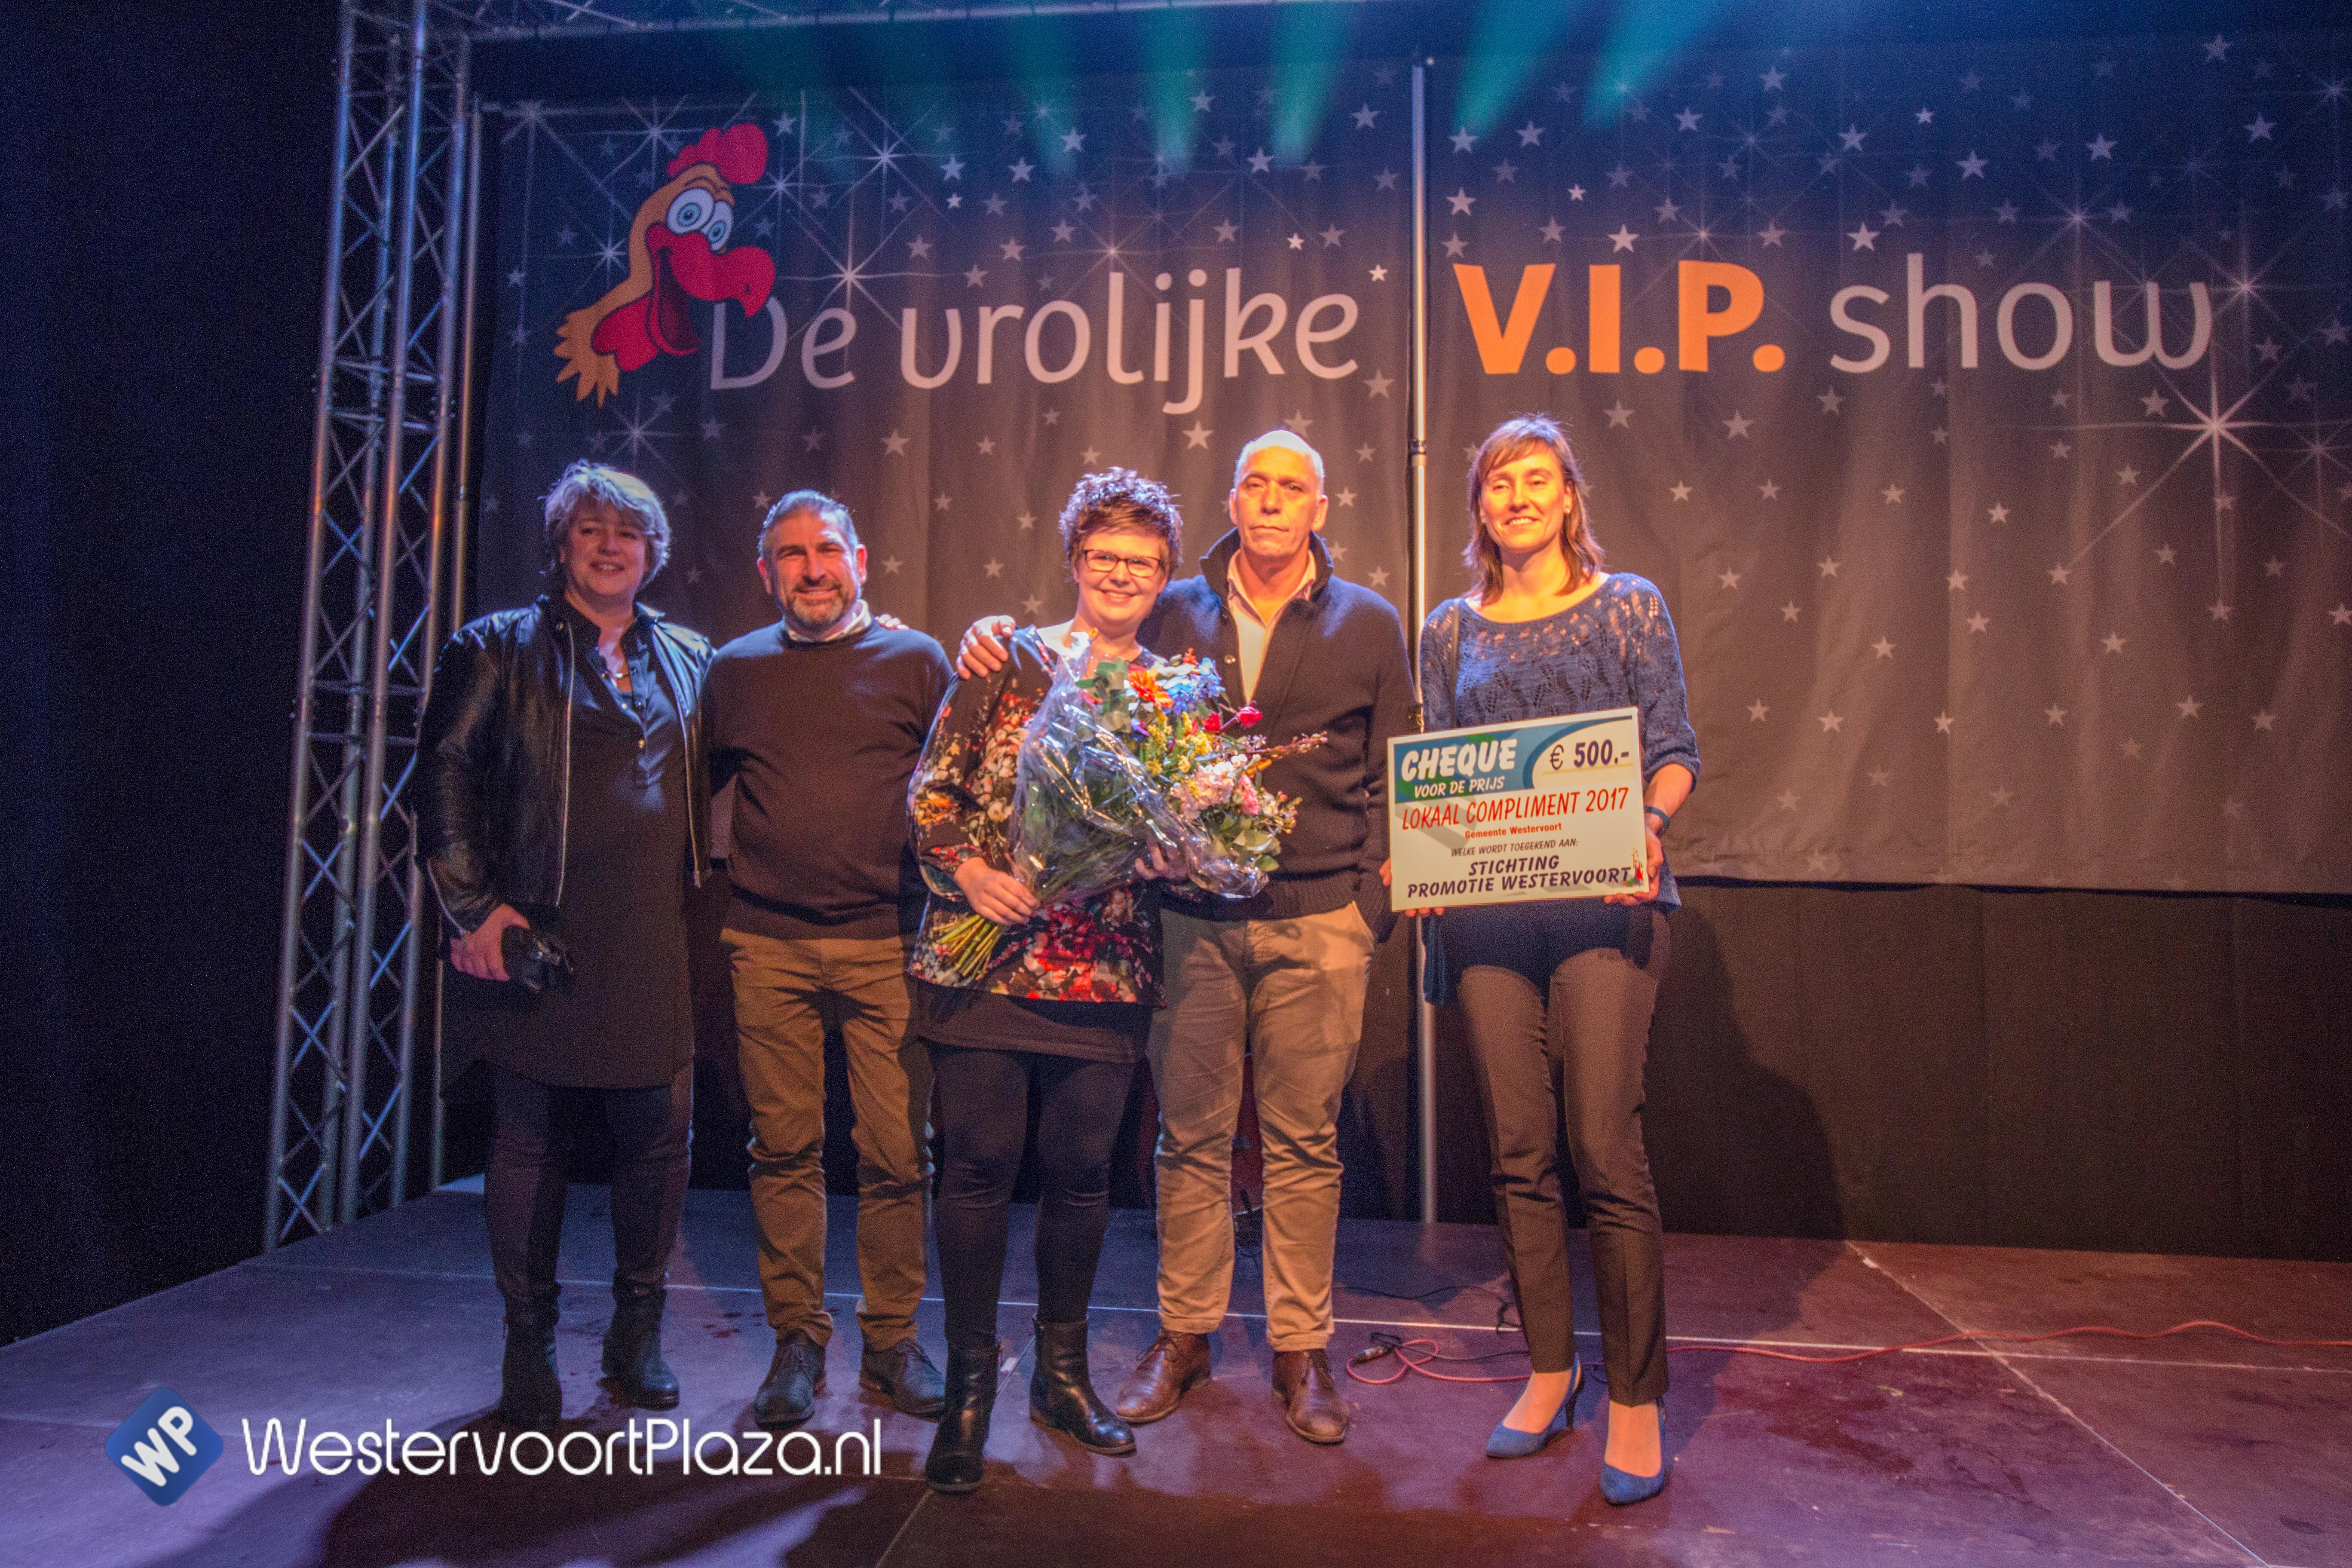 Lokaal compliment voor Stichting promotie Westervoort